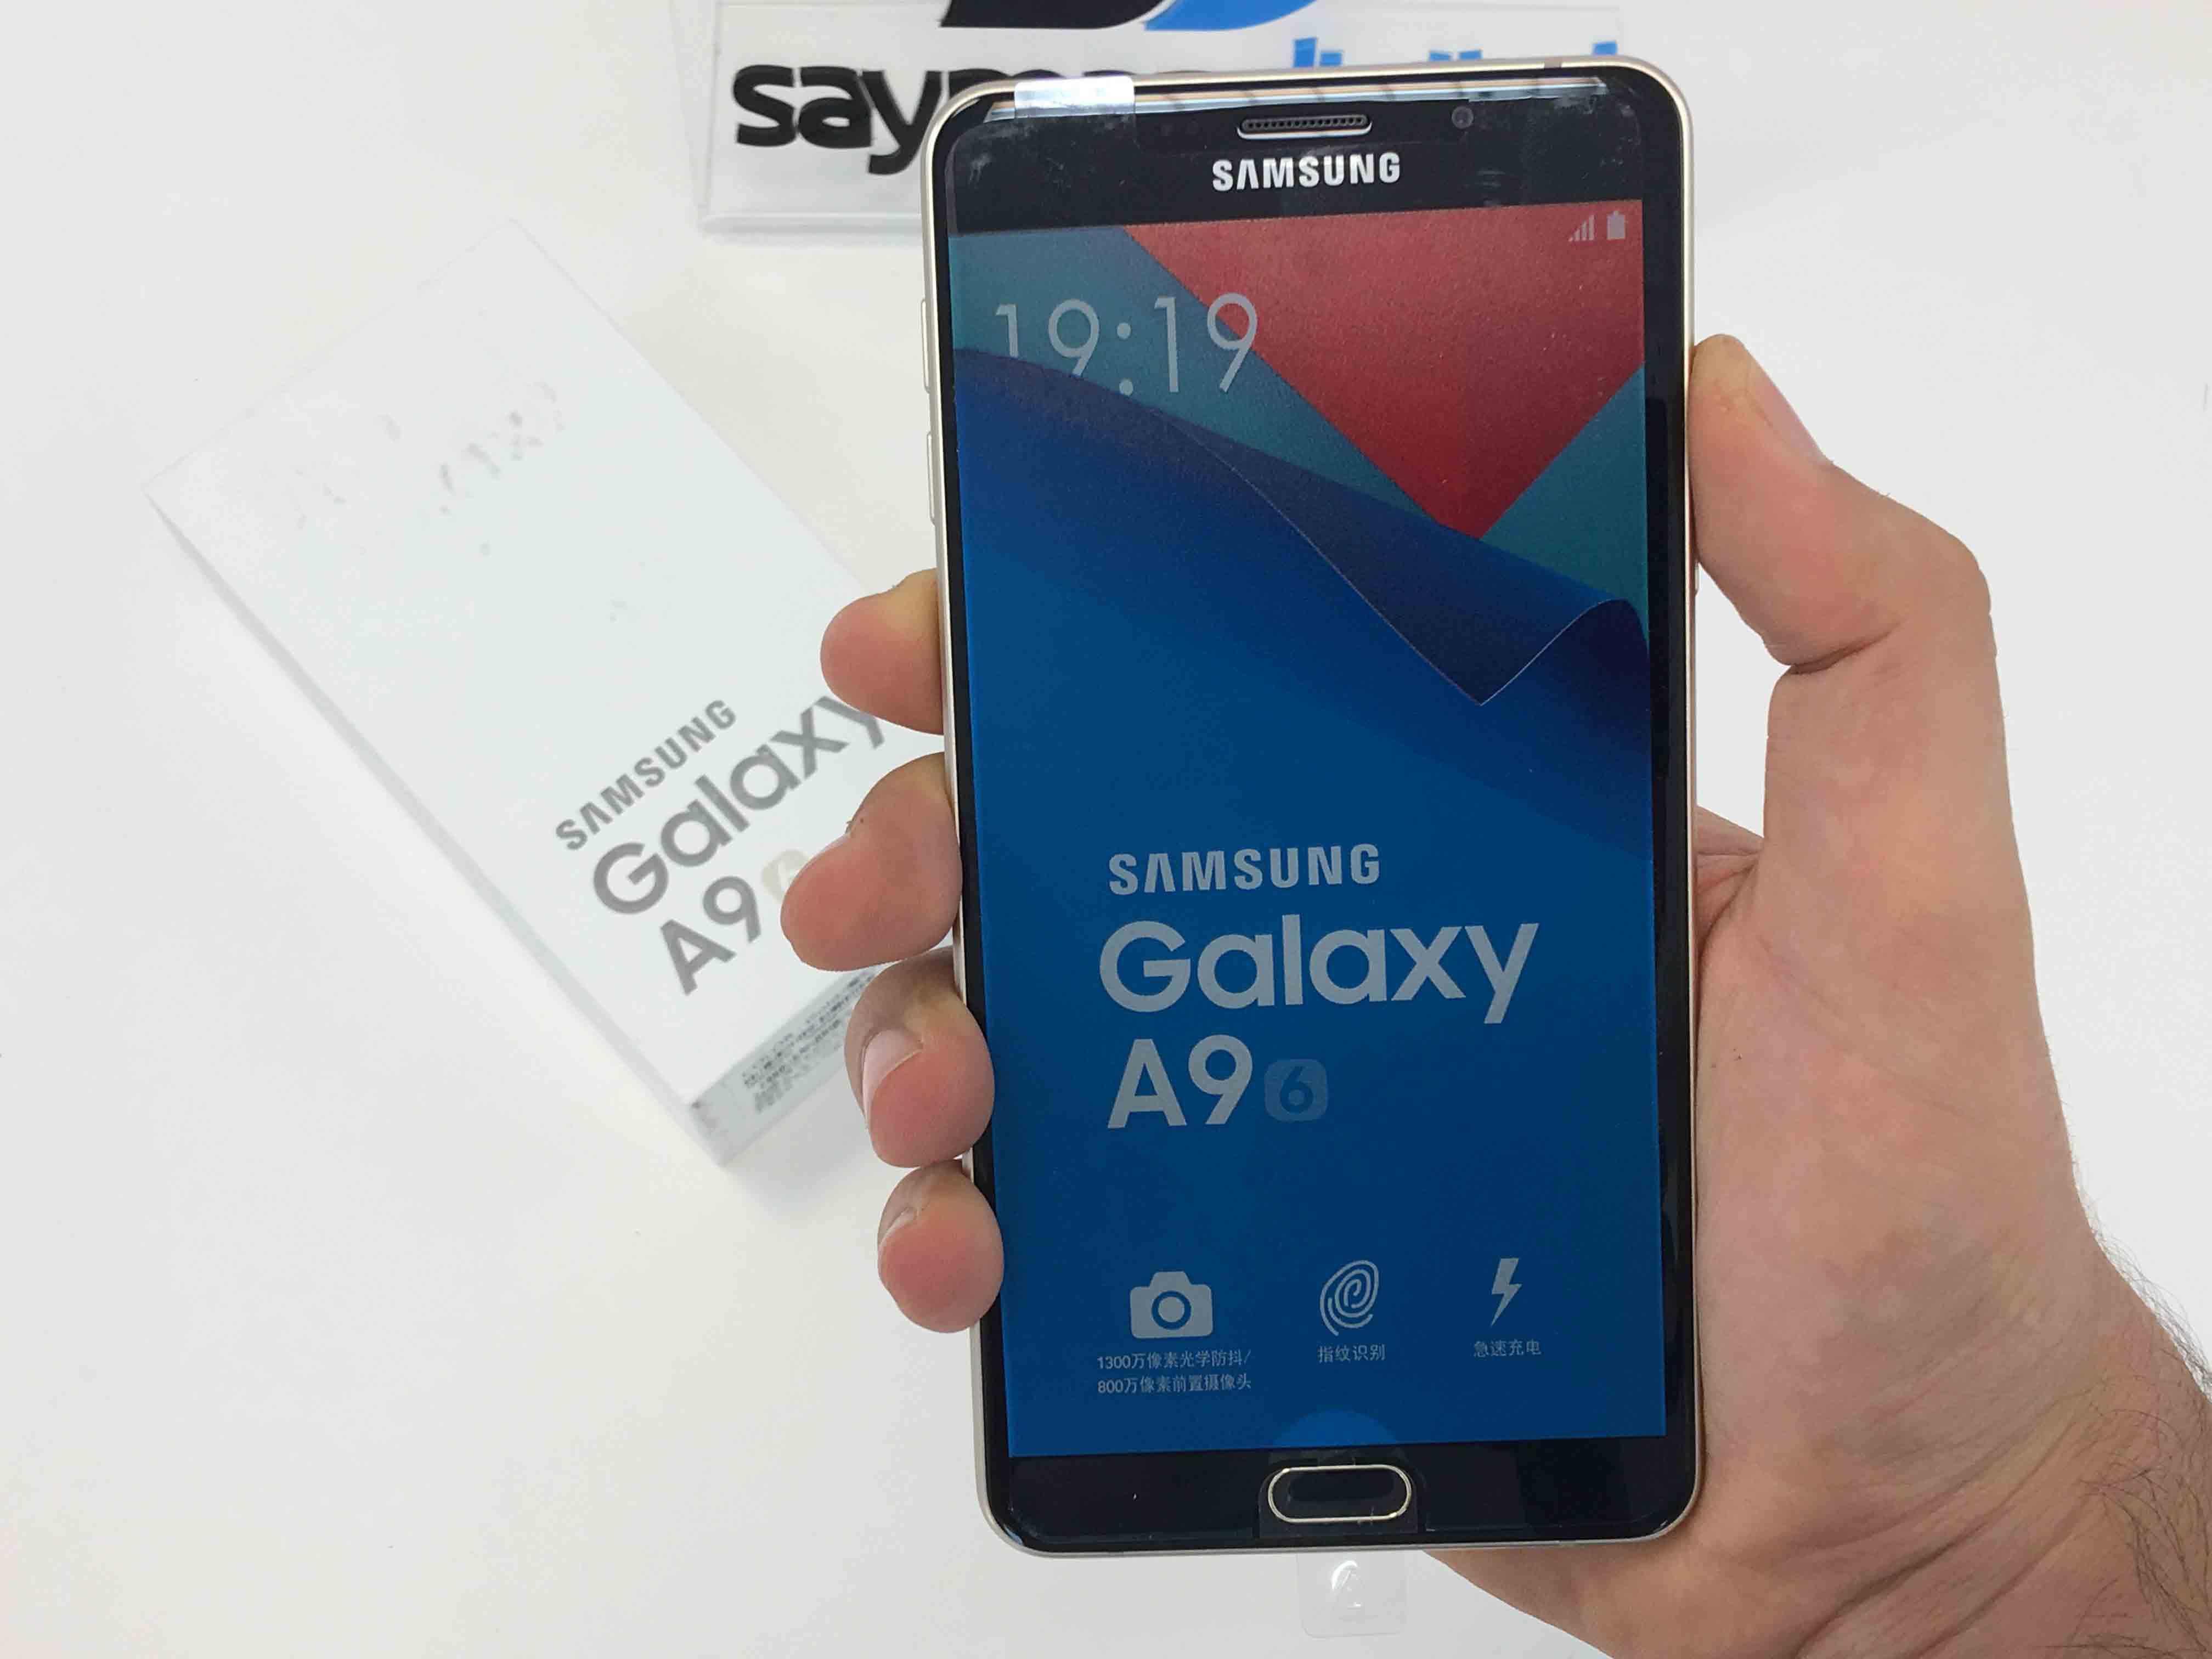 ویدیو آنباکس Samsung Galaxy A9 2016